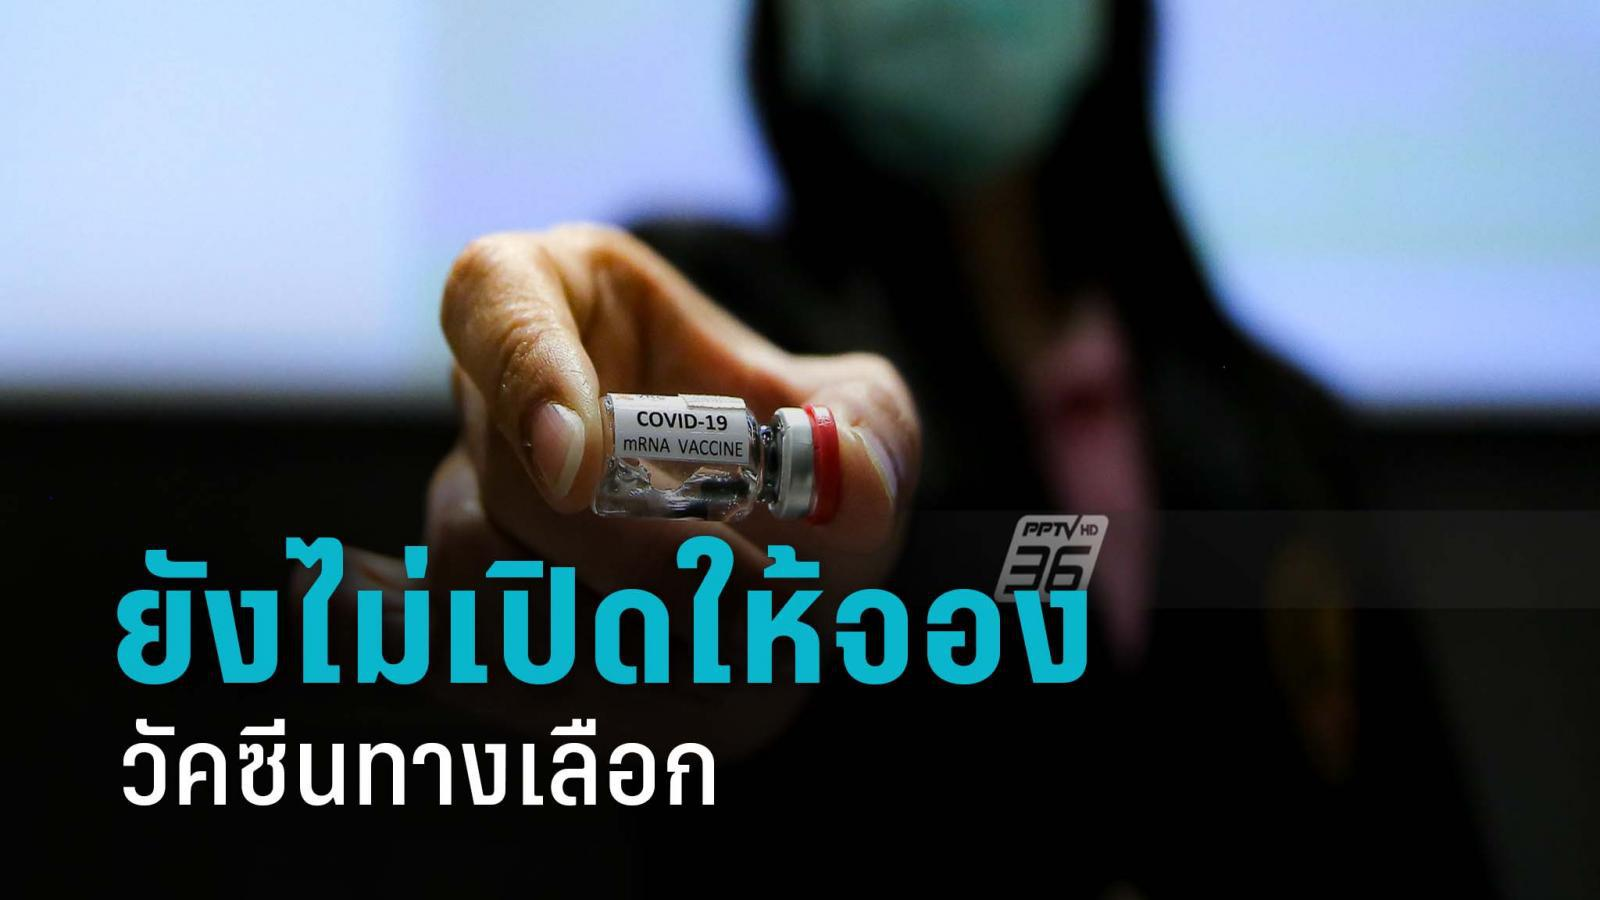 รพ.สมิติเวช-พญาไท แจงยังไม่เปิดให้จองวัคซีนโควิด-19